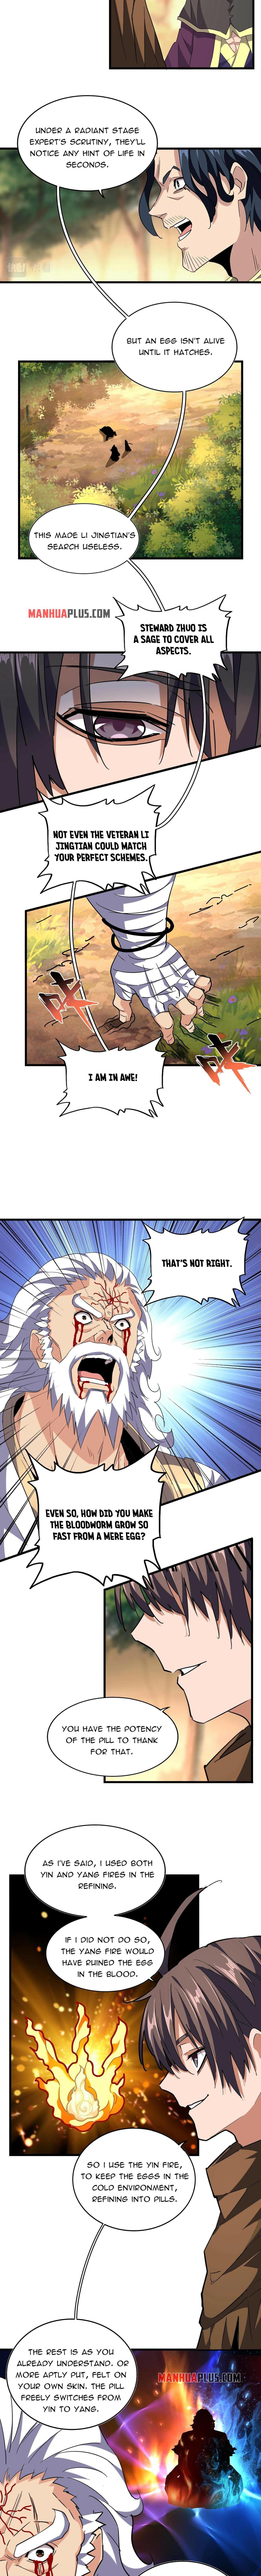 Magic Emperor Chapter 216 page 8 - Mangakakalot